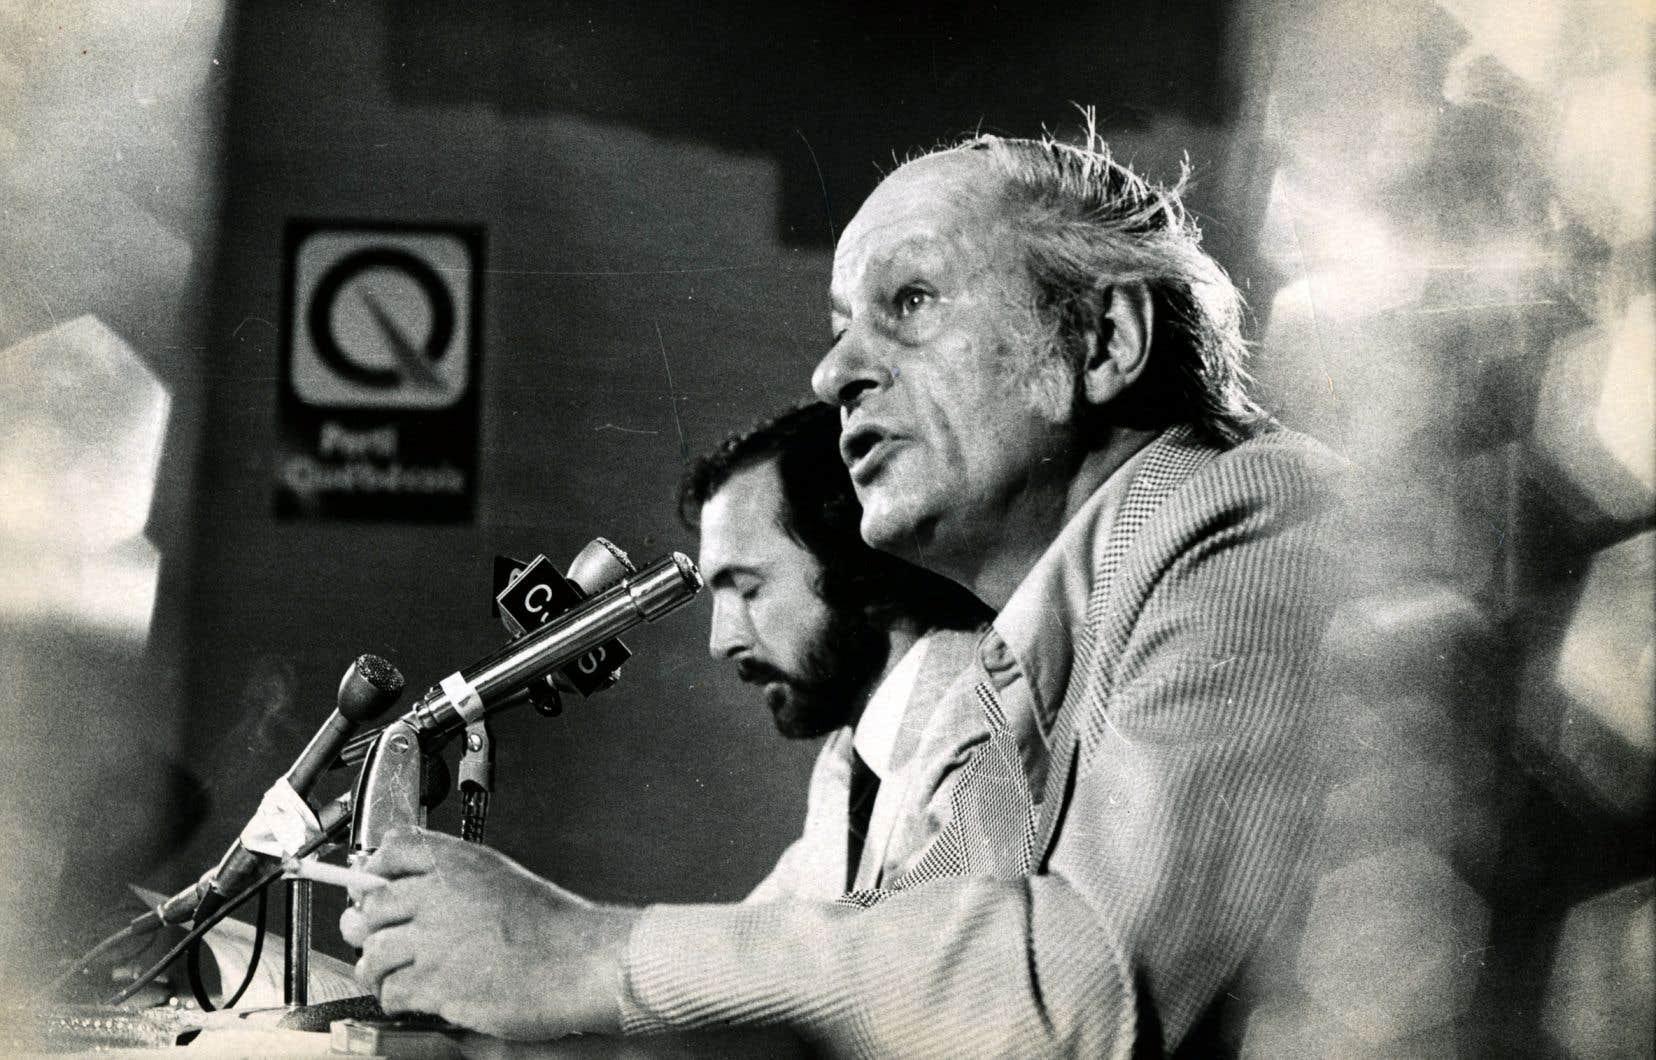 Si le Québec peut élever la tête parmi les nations du monde, souveraines ou non, c'est à René Lévesque que nous le devons en grande partie, estime l'auteur.